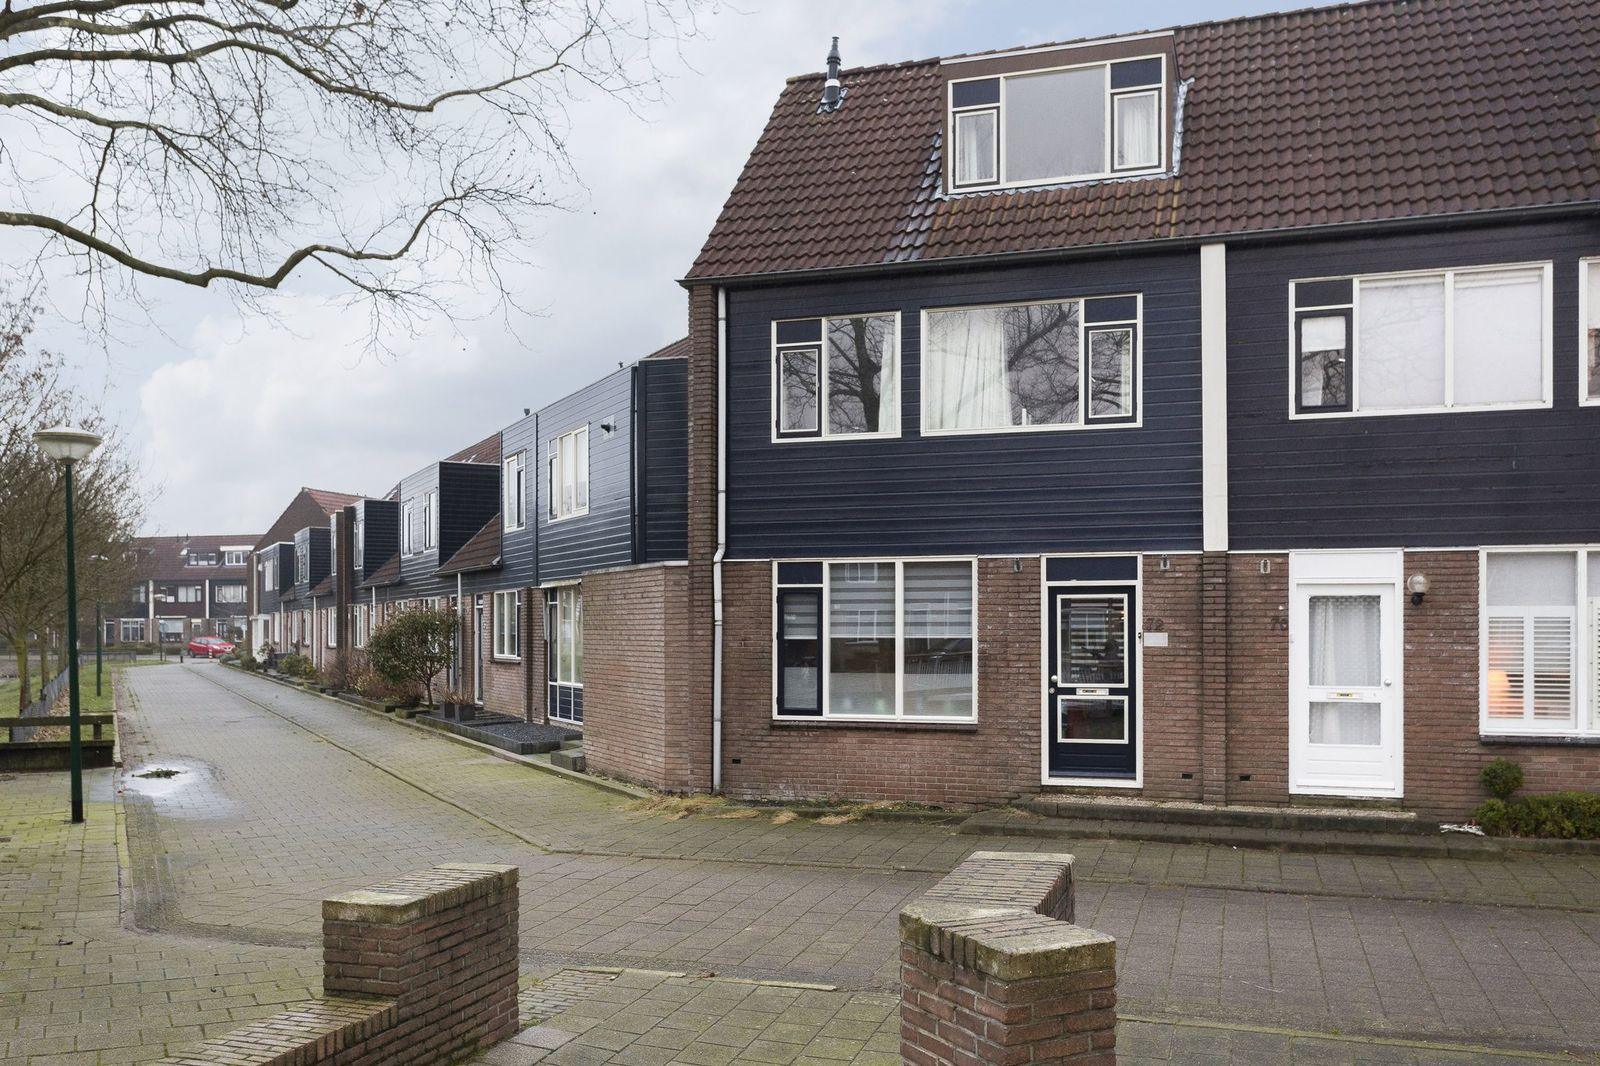 Vrekenhorst 72, Veenendaal